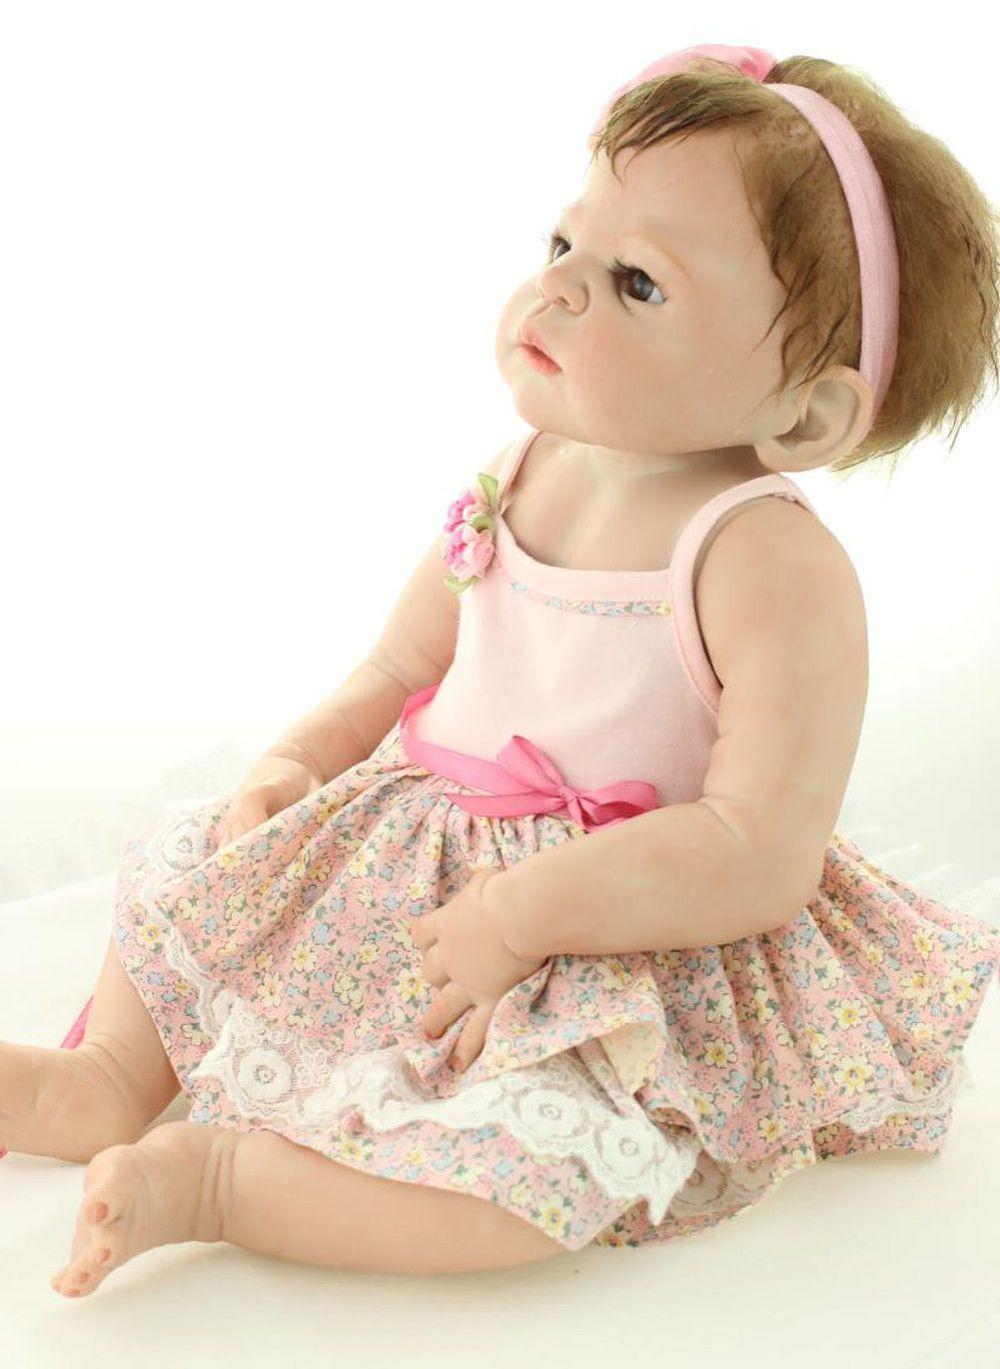 23 polegadas Boneca Da Vida Real com Kits de Silicone Realista Bebê Reborn  Brinquedos Presentes para Crianças Coleção Mulheres À Prova D  Água em  Bonecas de ... b8af1abf6a